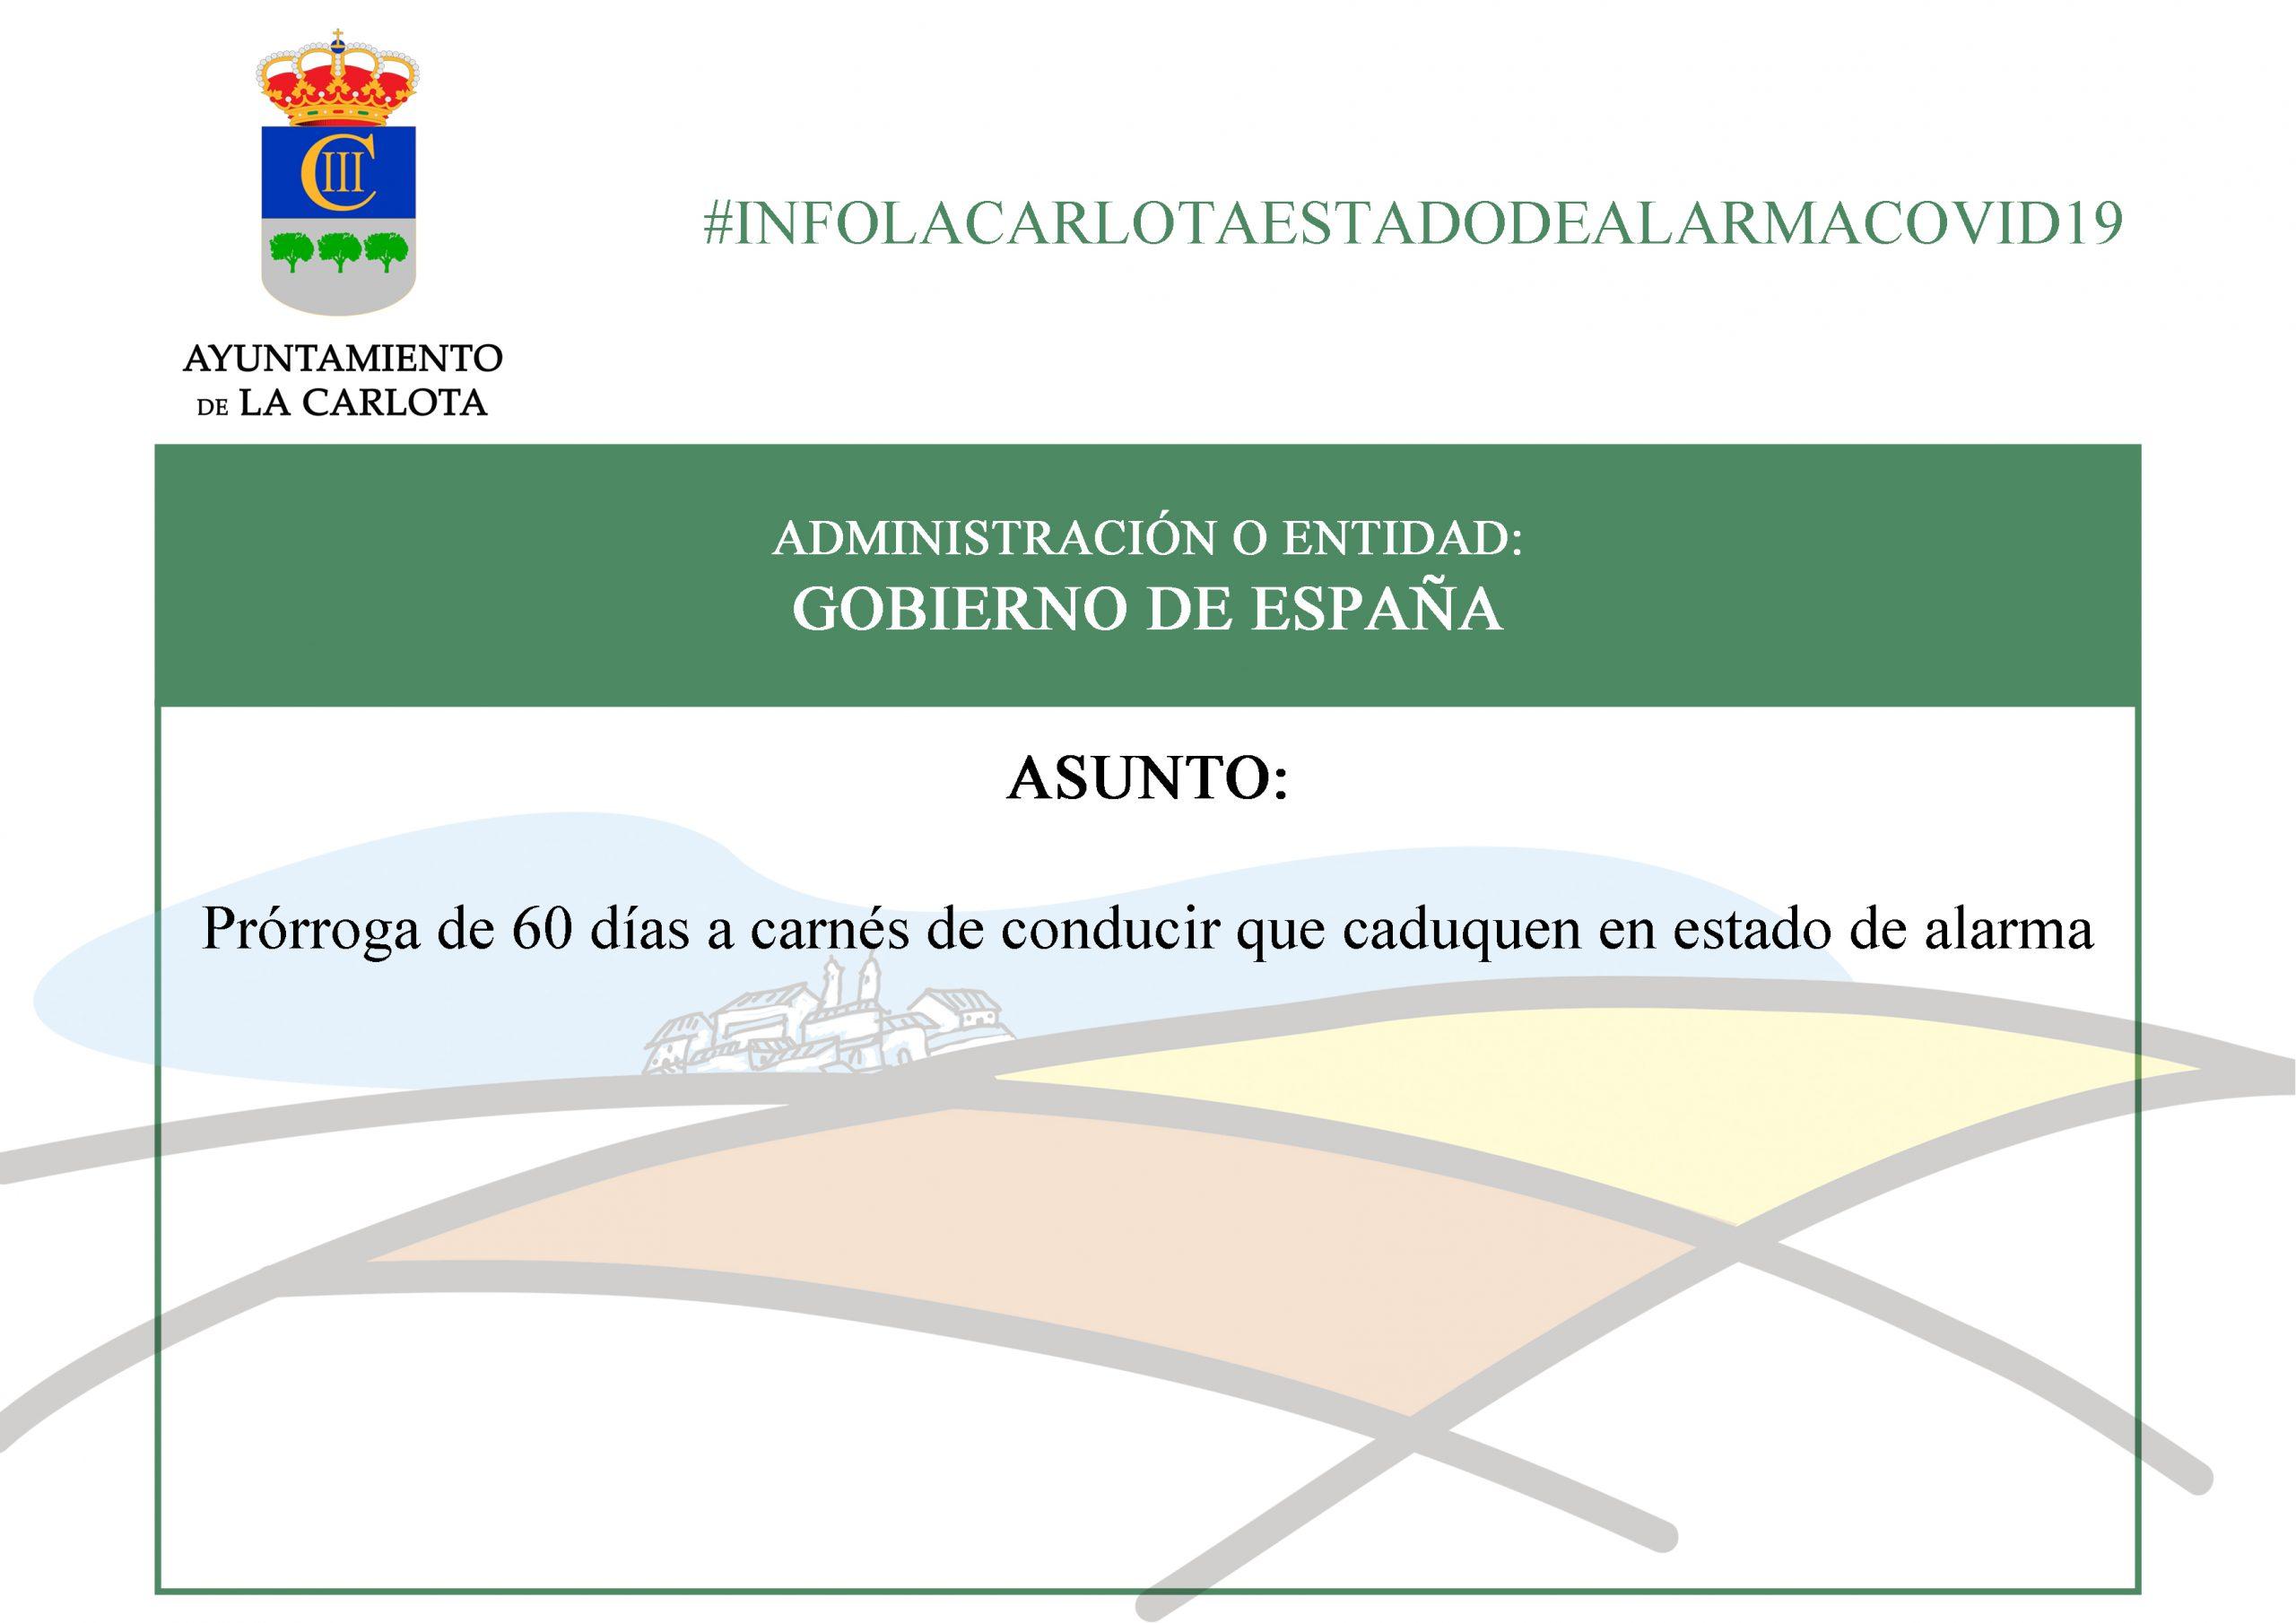 #INFOLACARLOTAESTADODEALARMACOVID19 PRÓRROGA DE 60 DÍAS A CARNÉS DE CONDUCIR QUE CADUQUEN EN ESTADO DE ALARMA 1